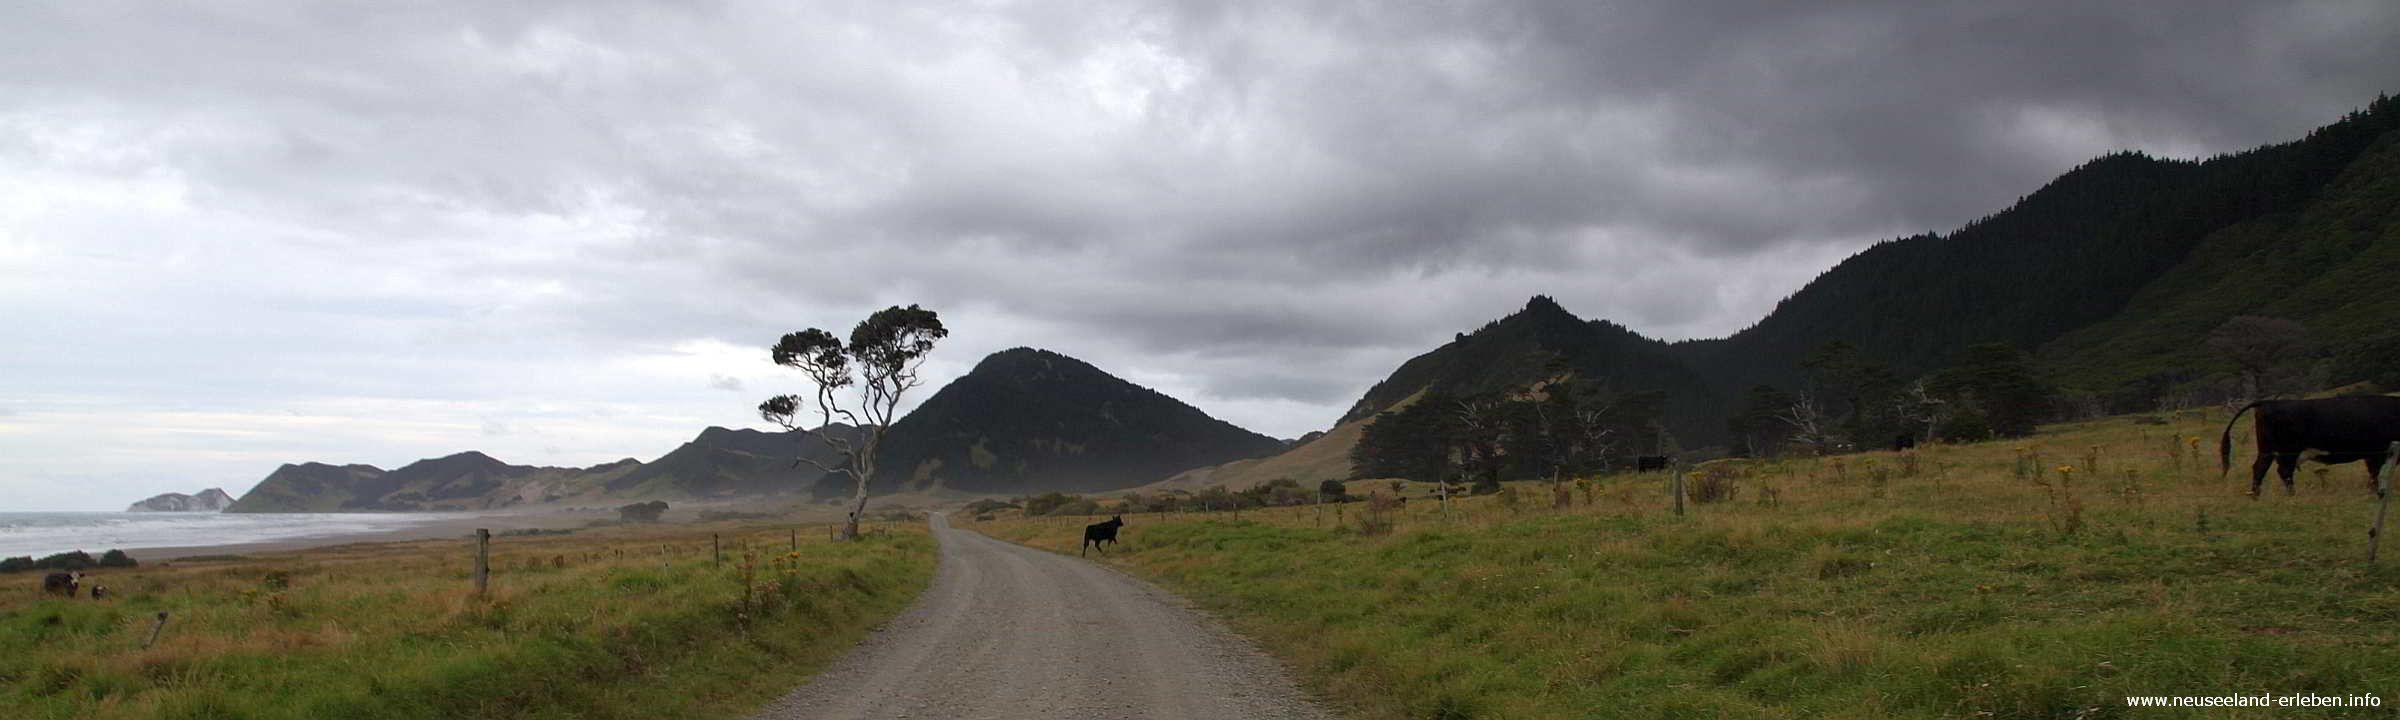 Auf dem Weg zum East Cape